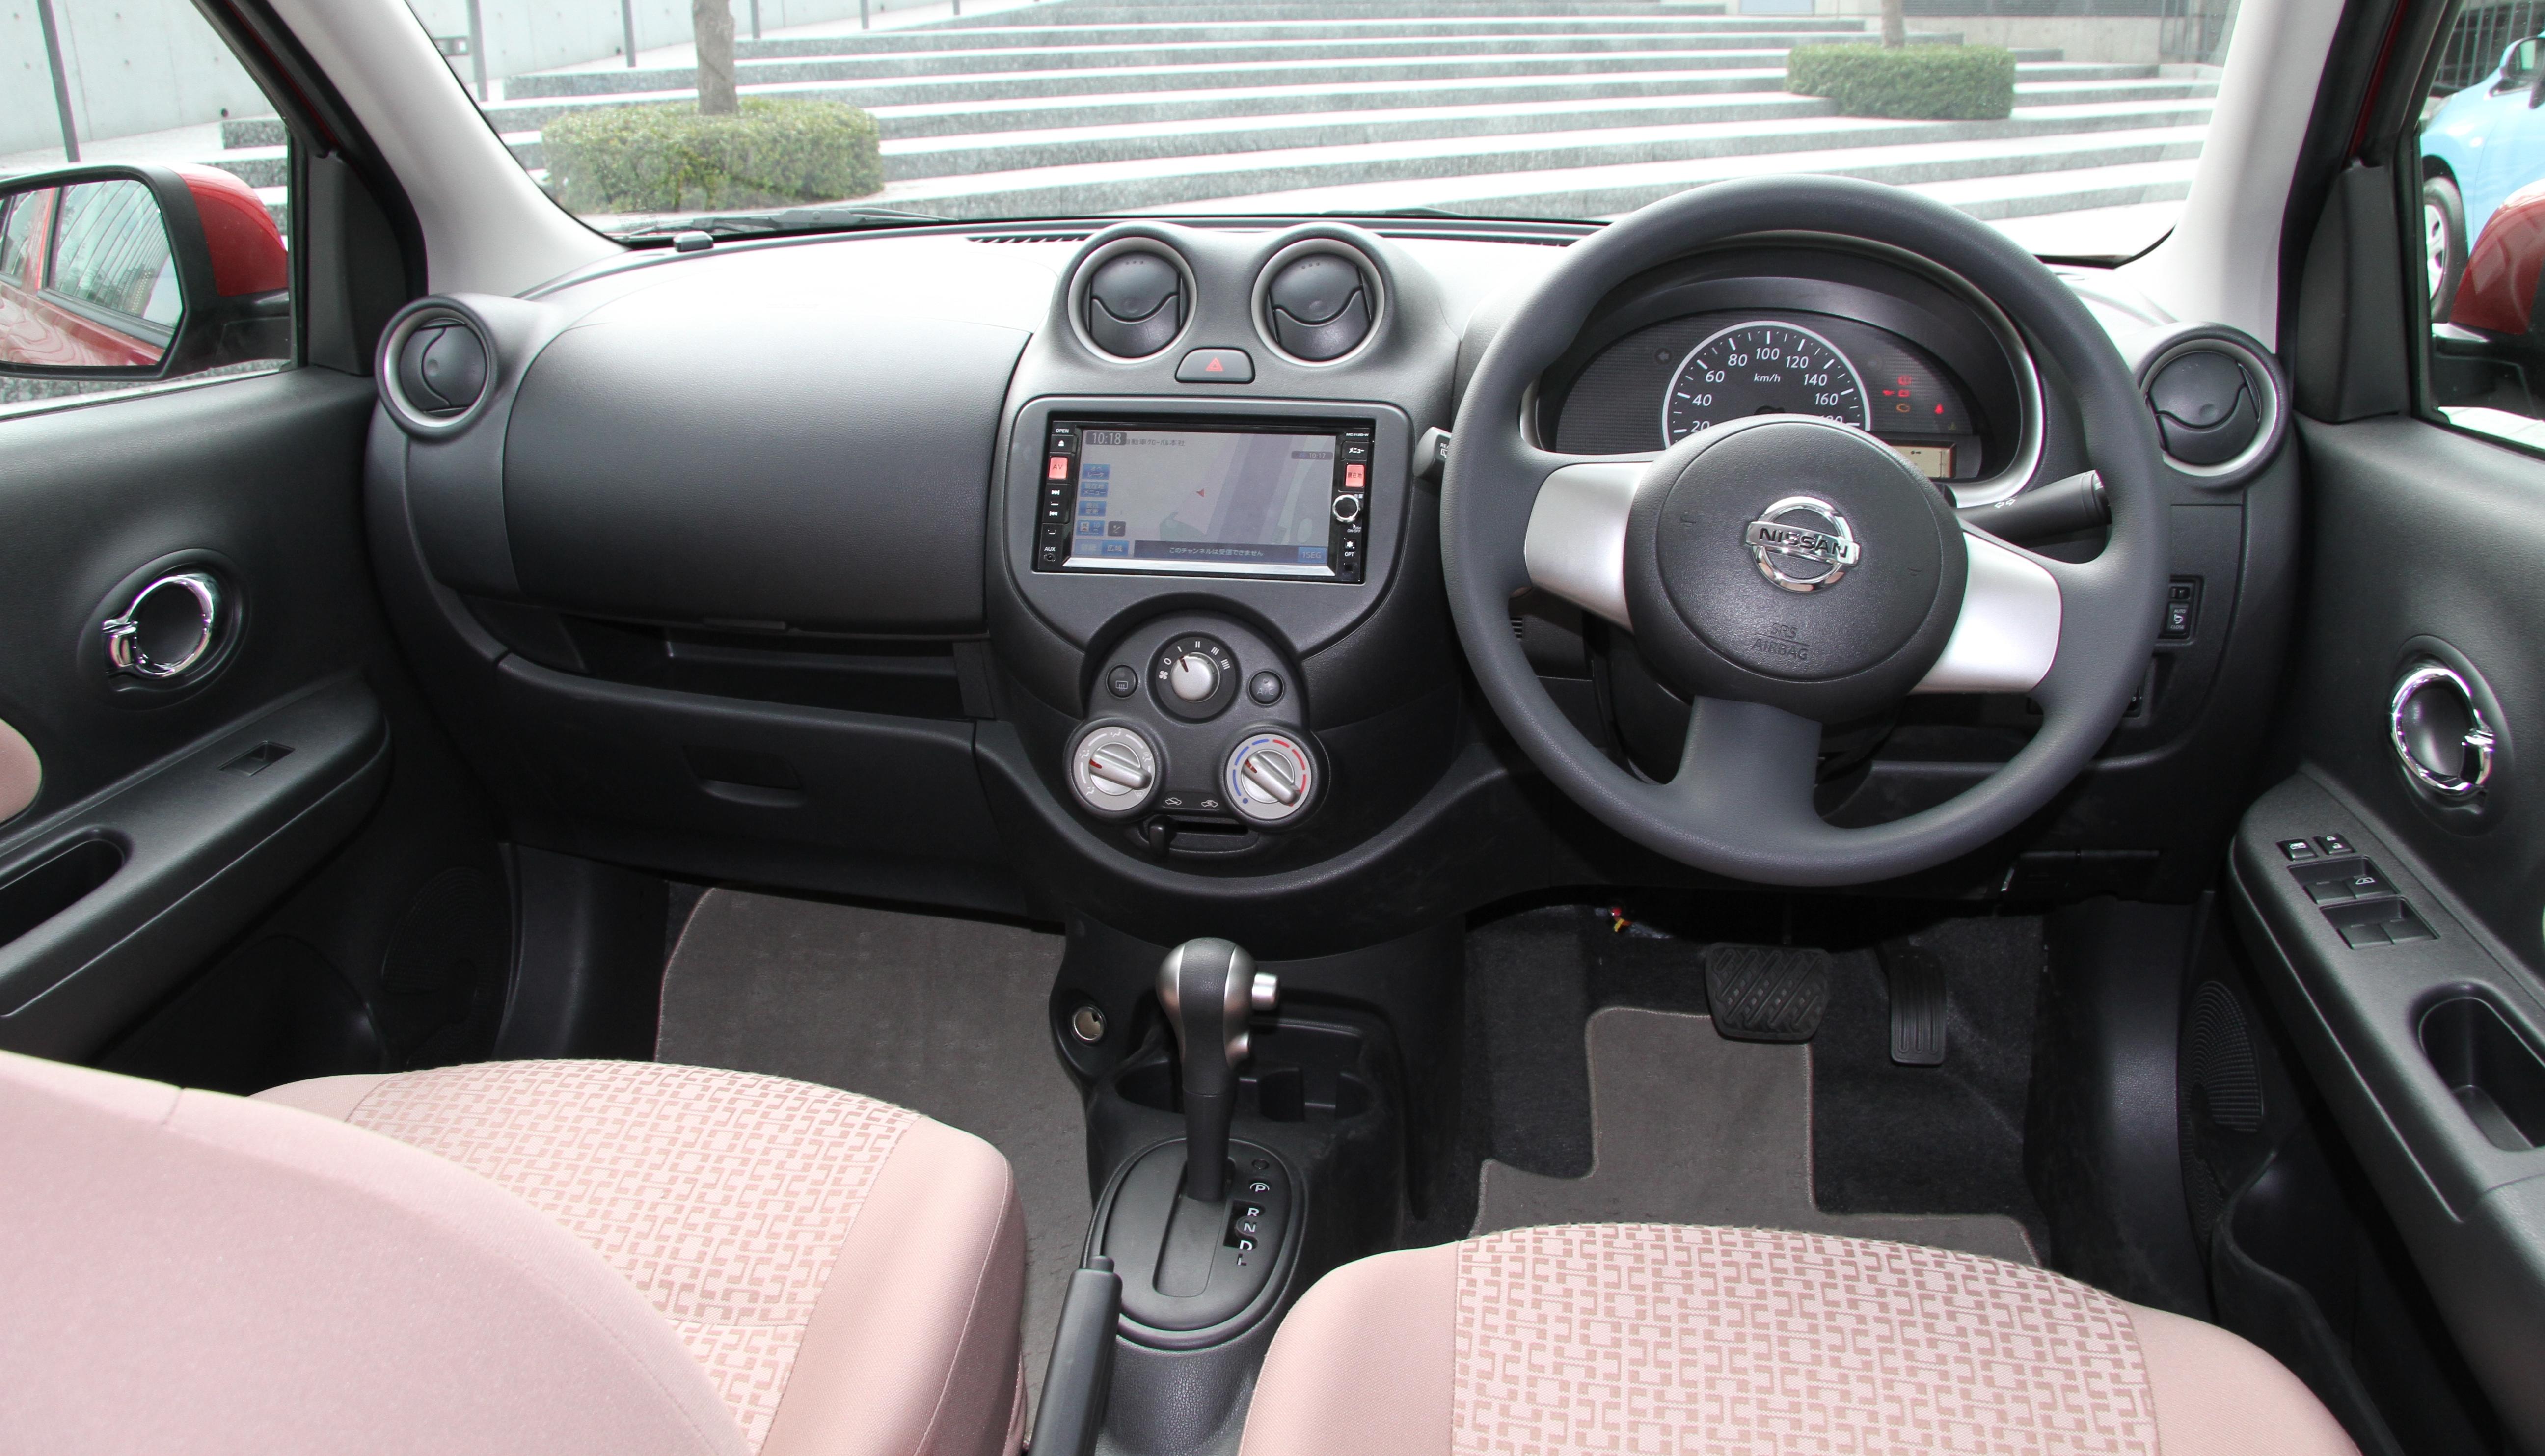 Nissan Pixo 2008 - 2013 Hatchback 5 door #2